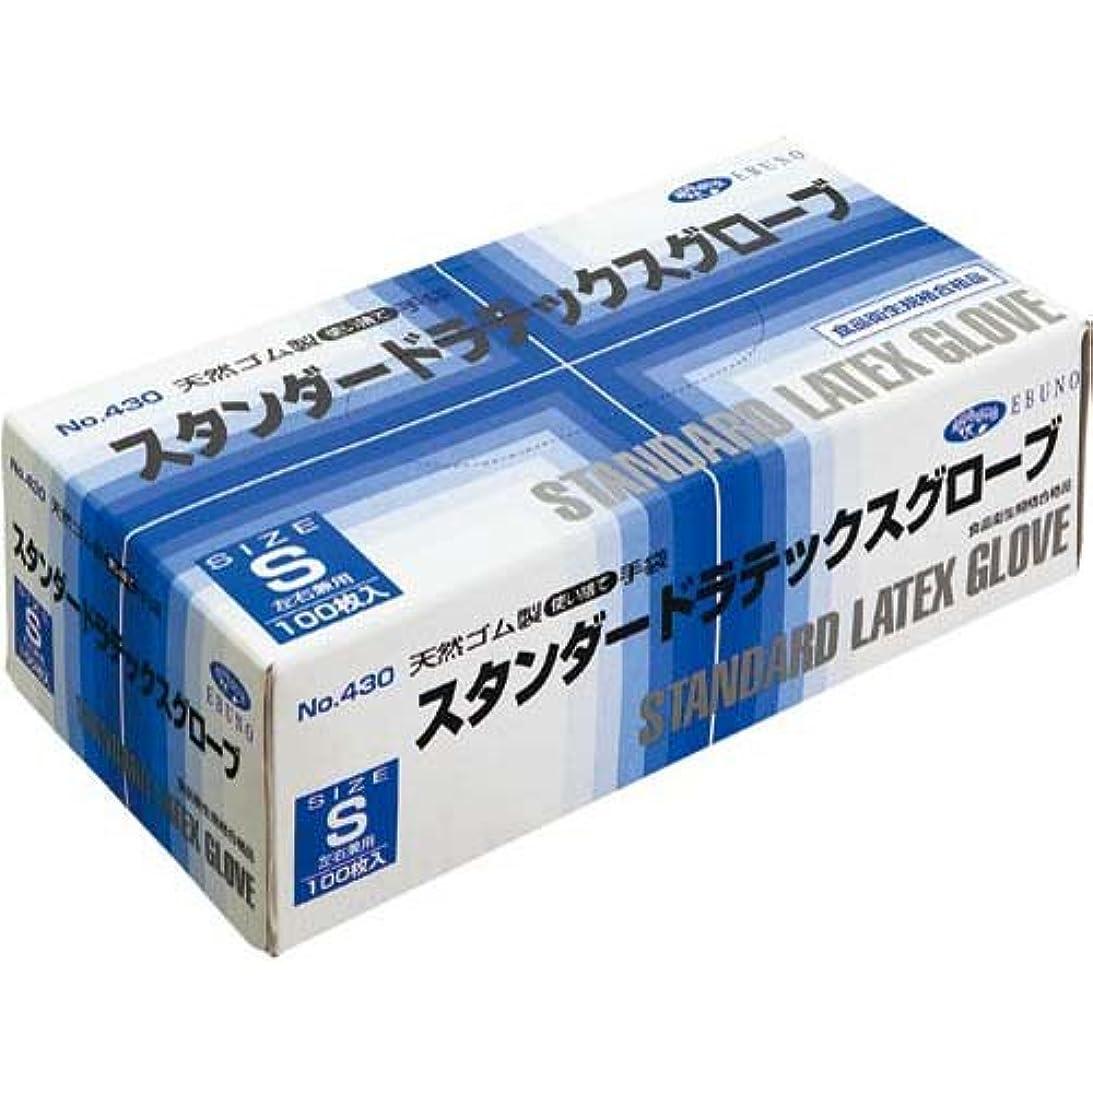 サスペンション痛み明らかにするEBUNO ラテックス手袋 No.430 粉付 S 20箱